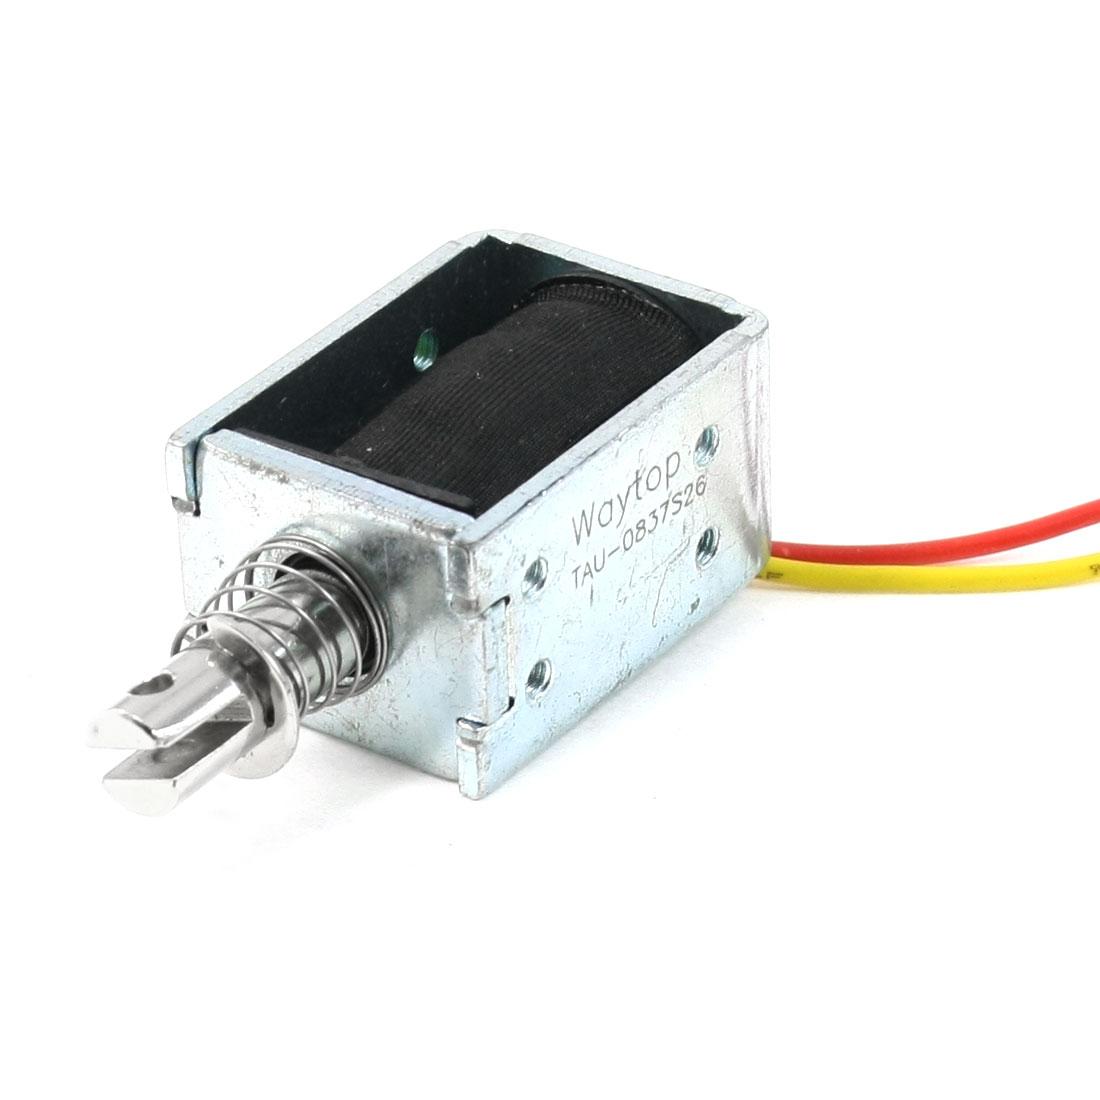 10mm Stroke 0.1kg Open Frame Push Solenoid Electromagnet DC 24V 400mA